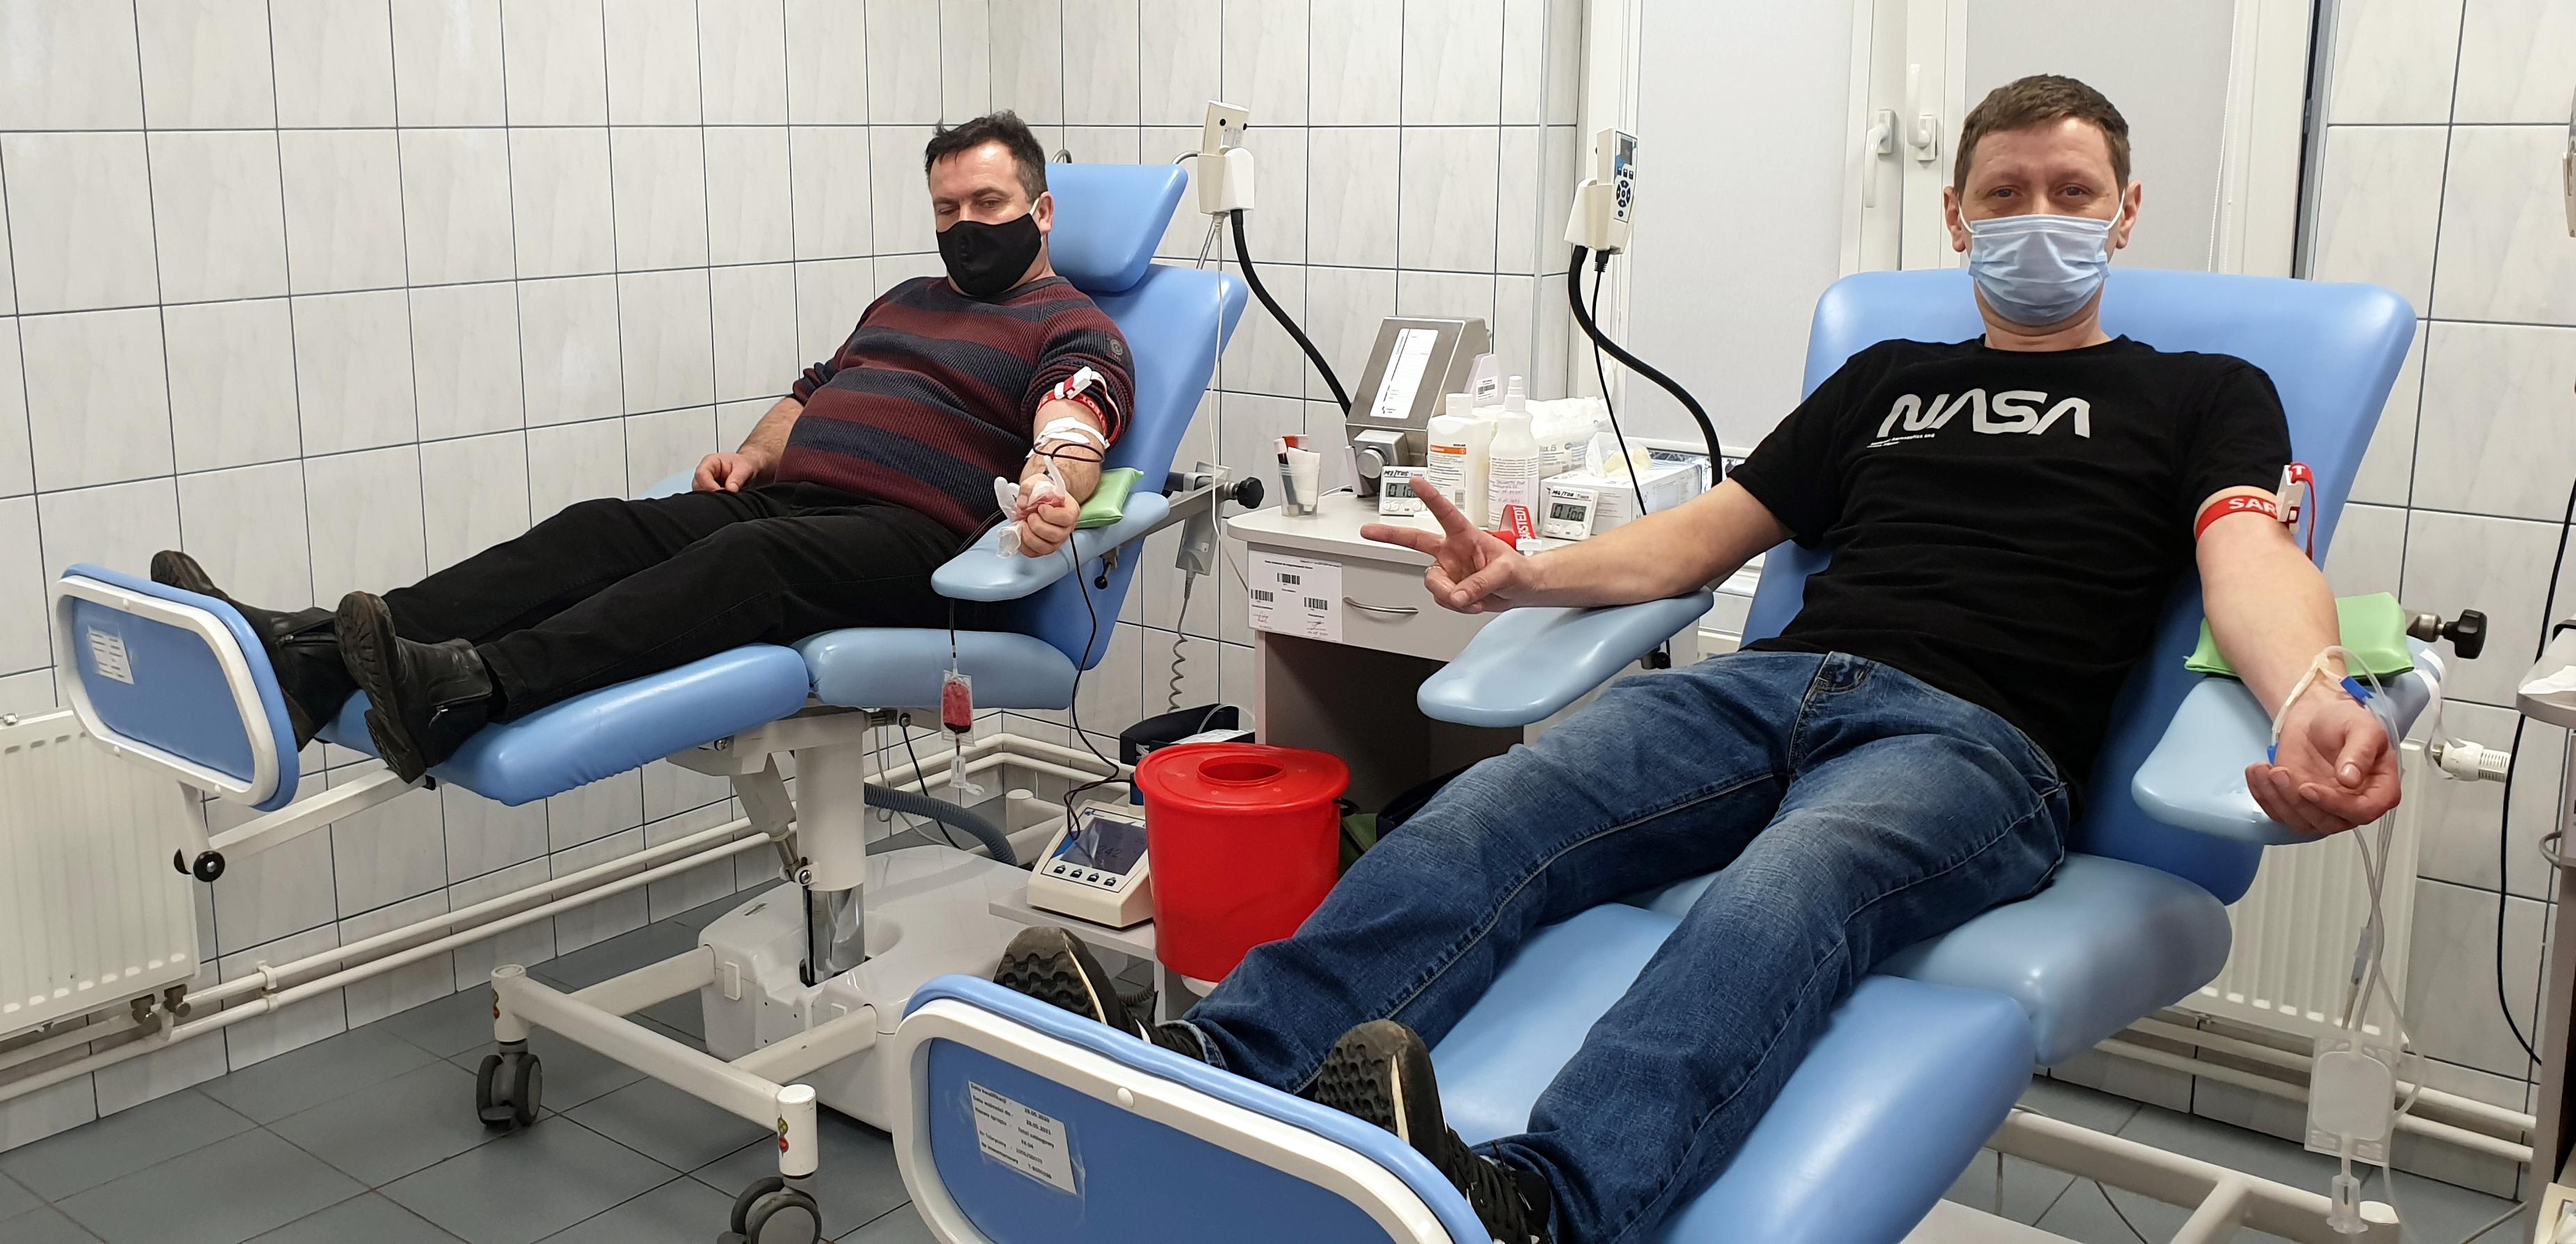 #Nagórzany Krew Challenge. Są kolejne nominacje! [ZDJĘCIA+FILM] - Zdjęcie główne